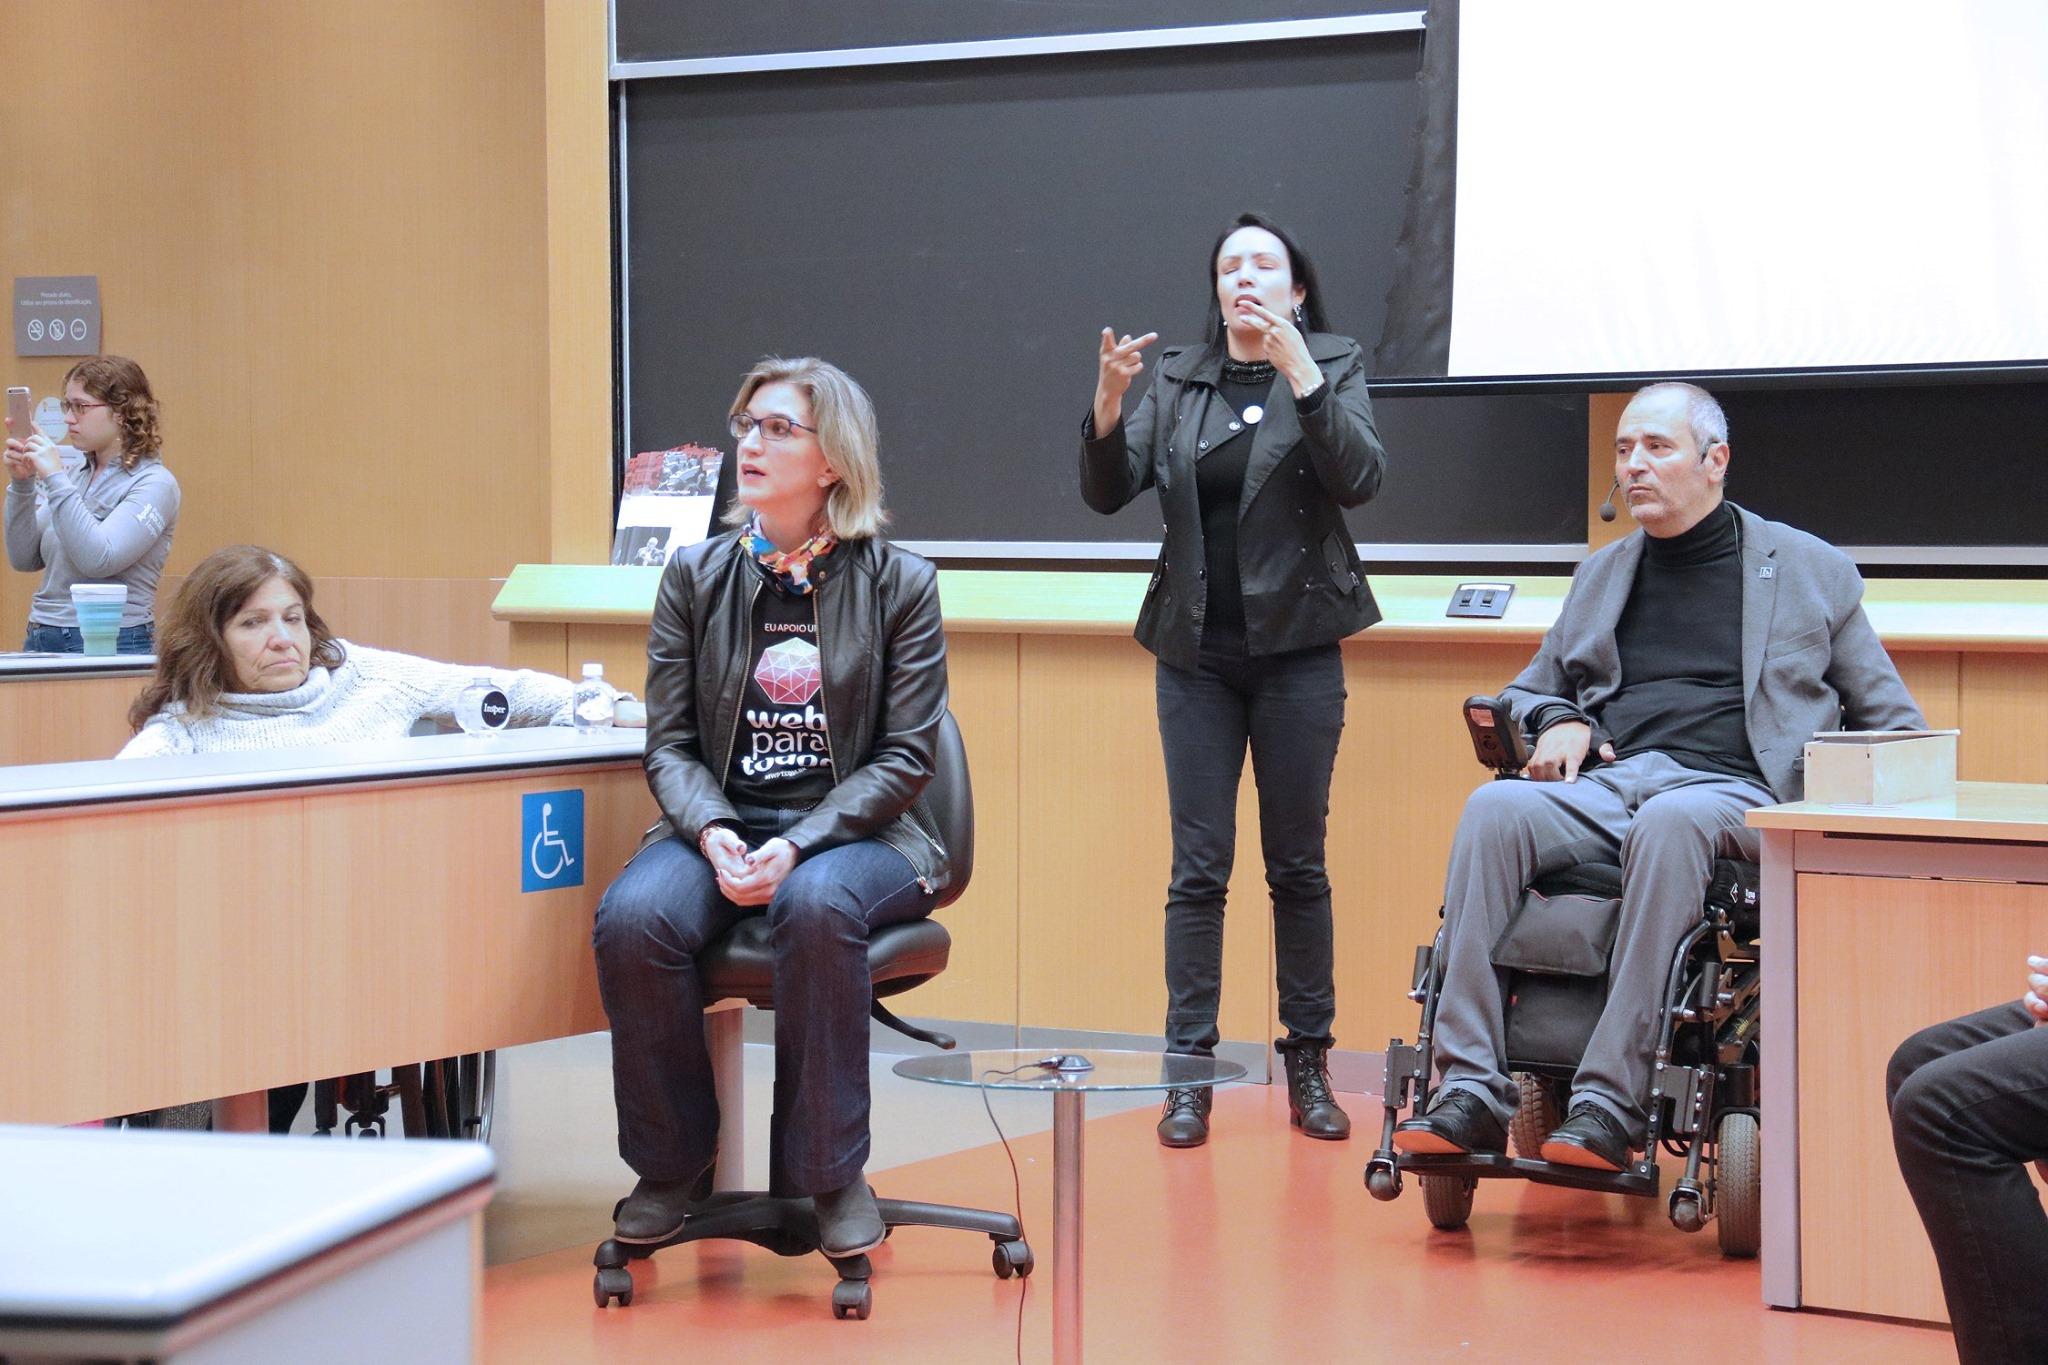 Foto da SuzelI Damaceno sentada ao lado do Cid Torquato e de uma intérprete de libras, que está em pé. Ao fundo, há um quadro negro.